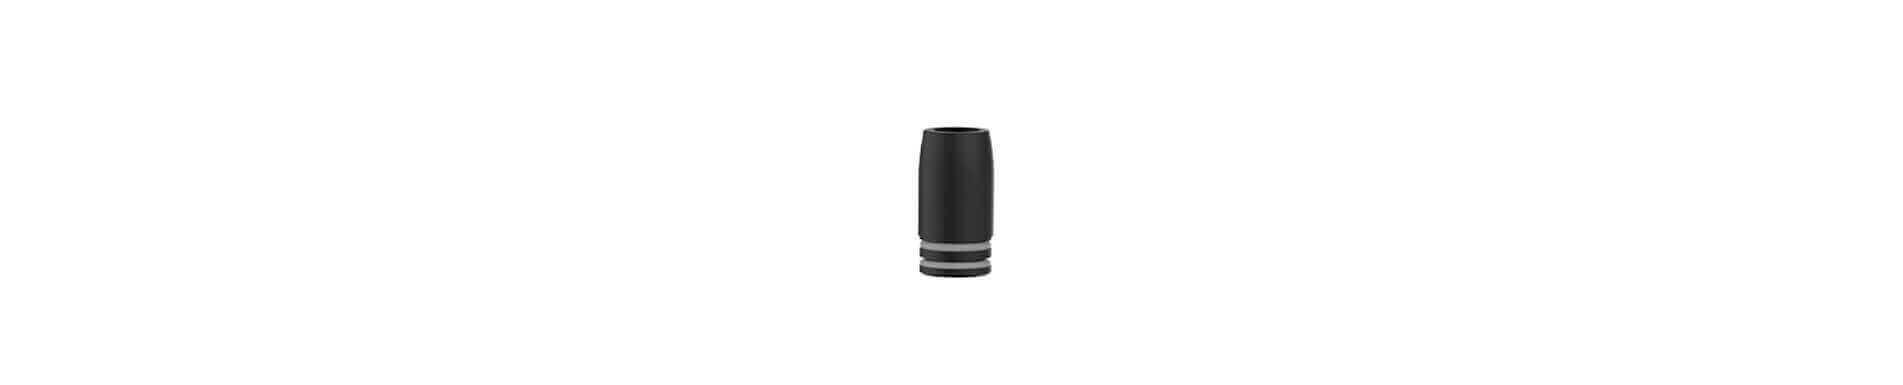 Drip-tip Innokin T18 II / T18II Mini